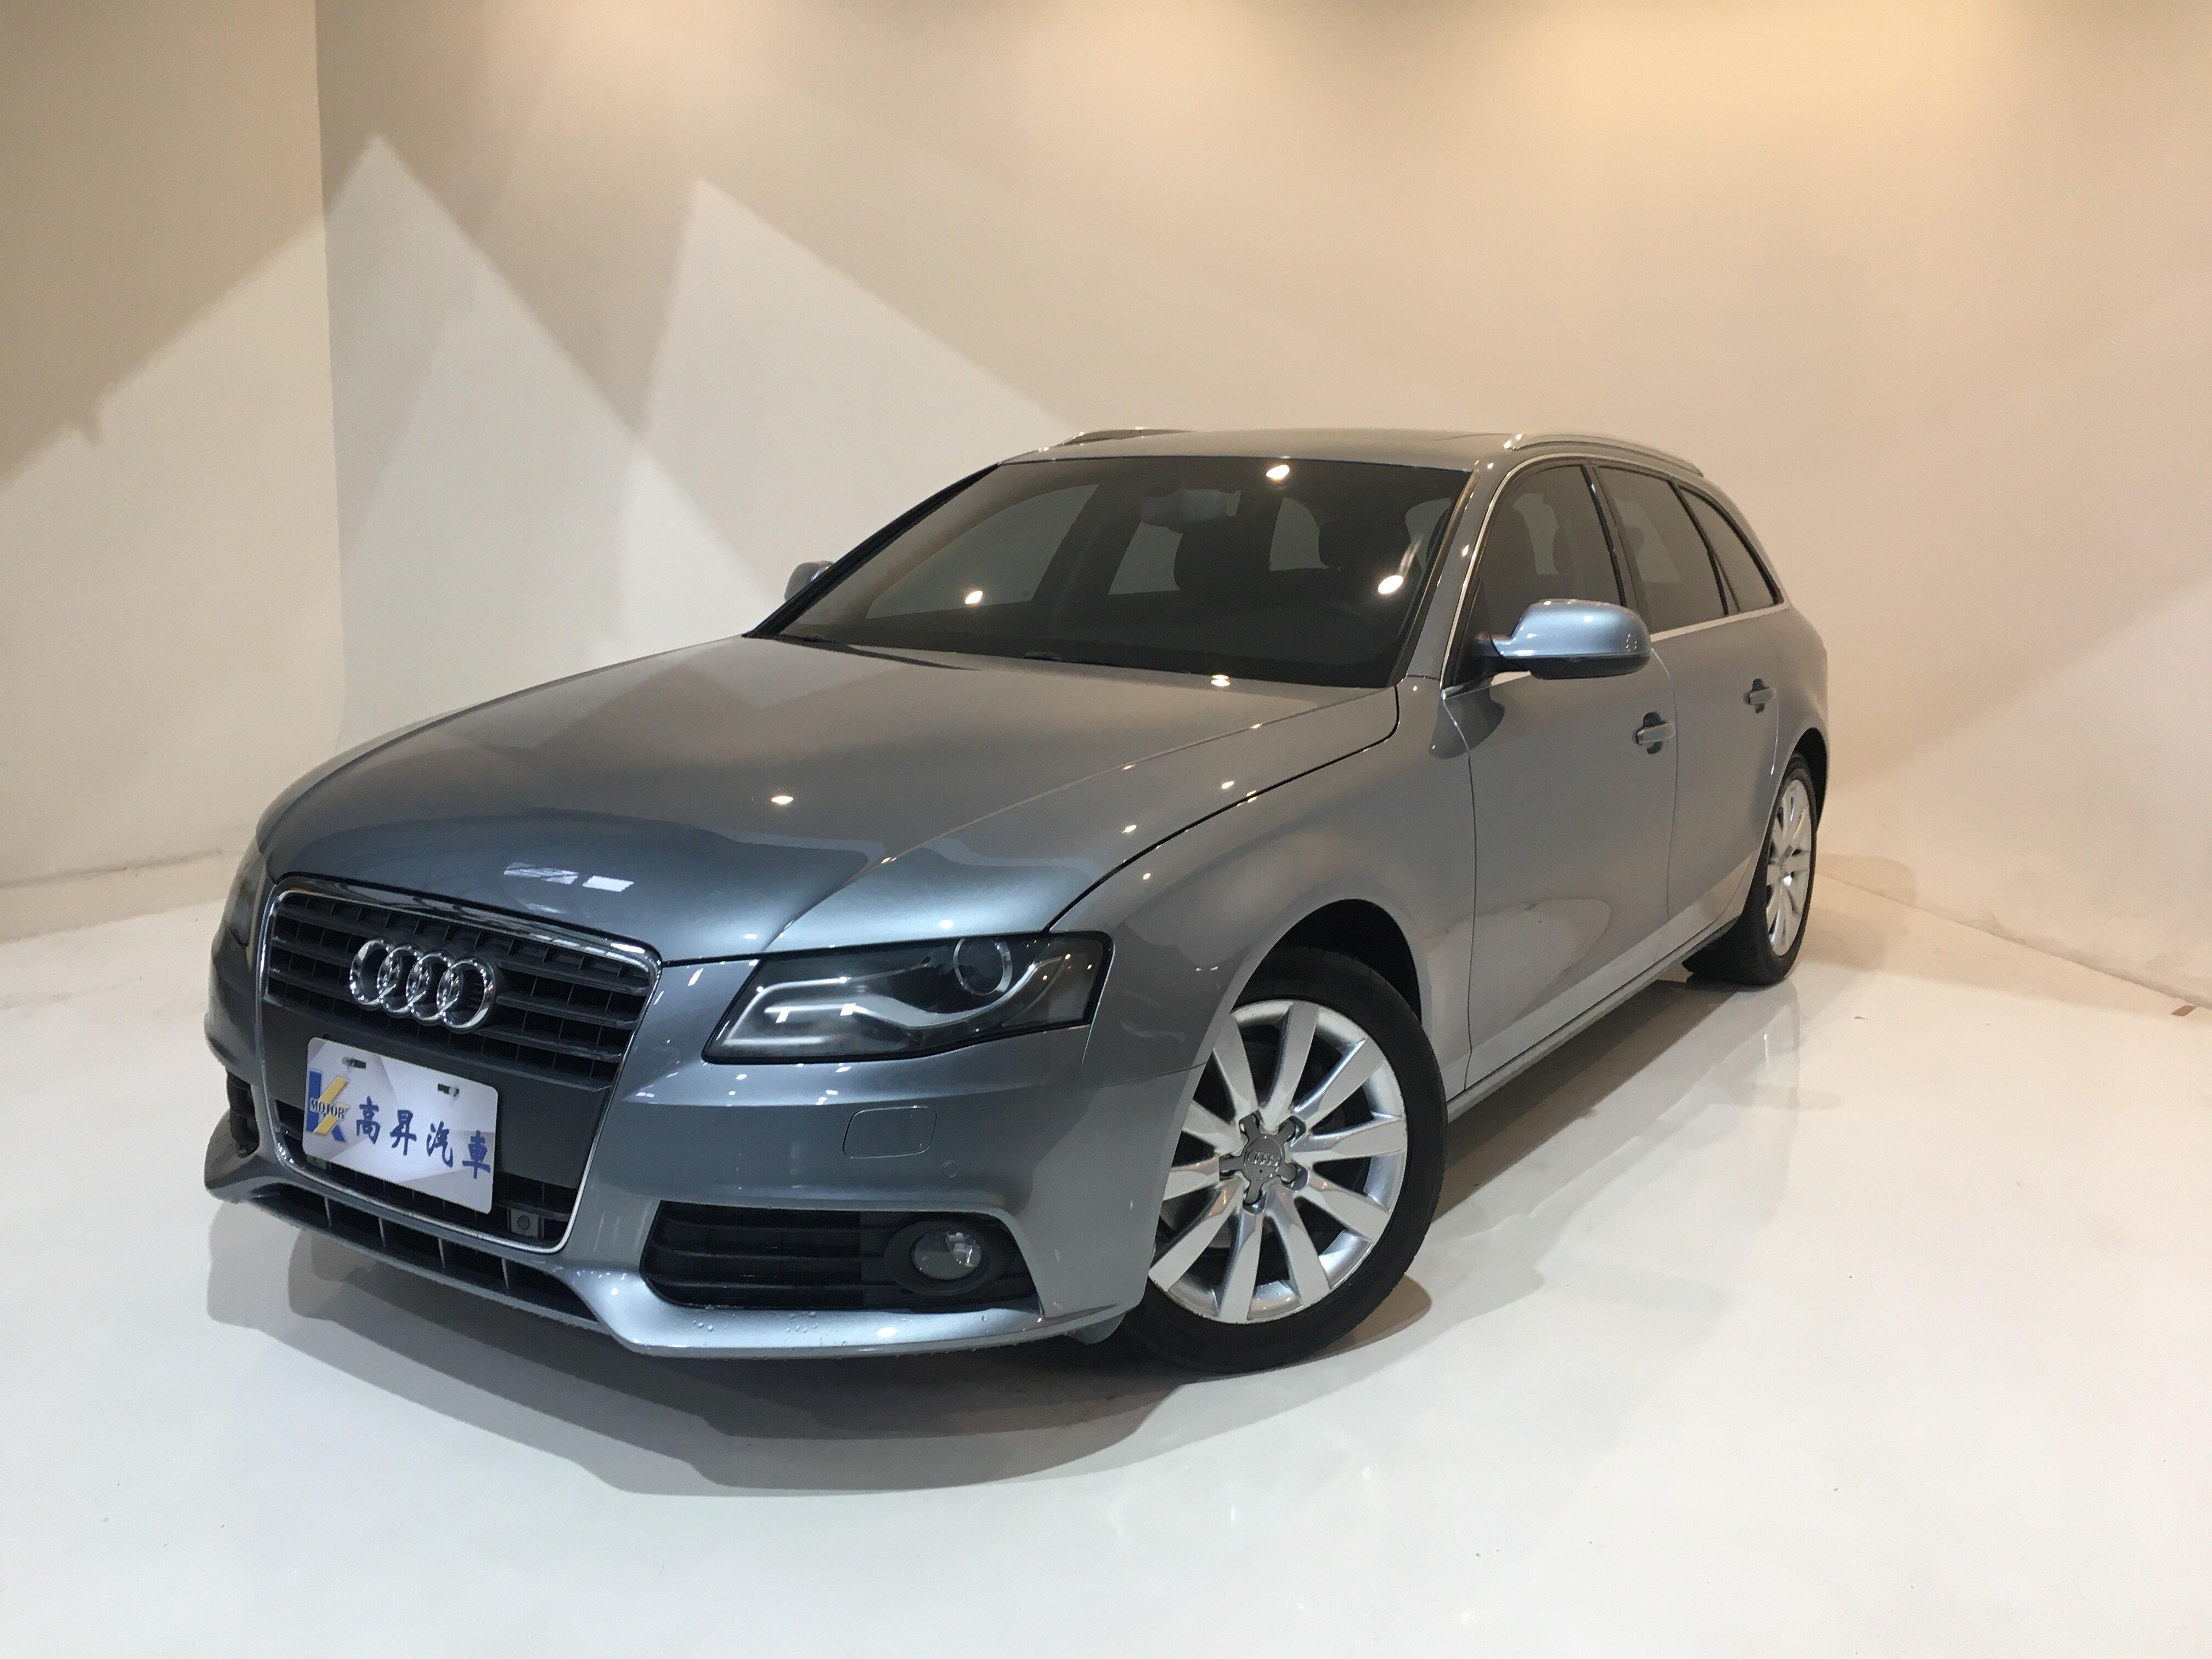 2010 Audi 奧迪 A4 avant